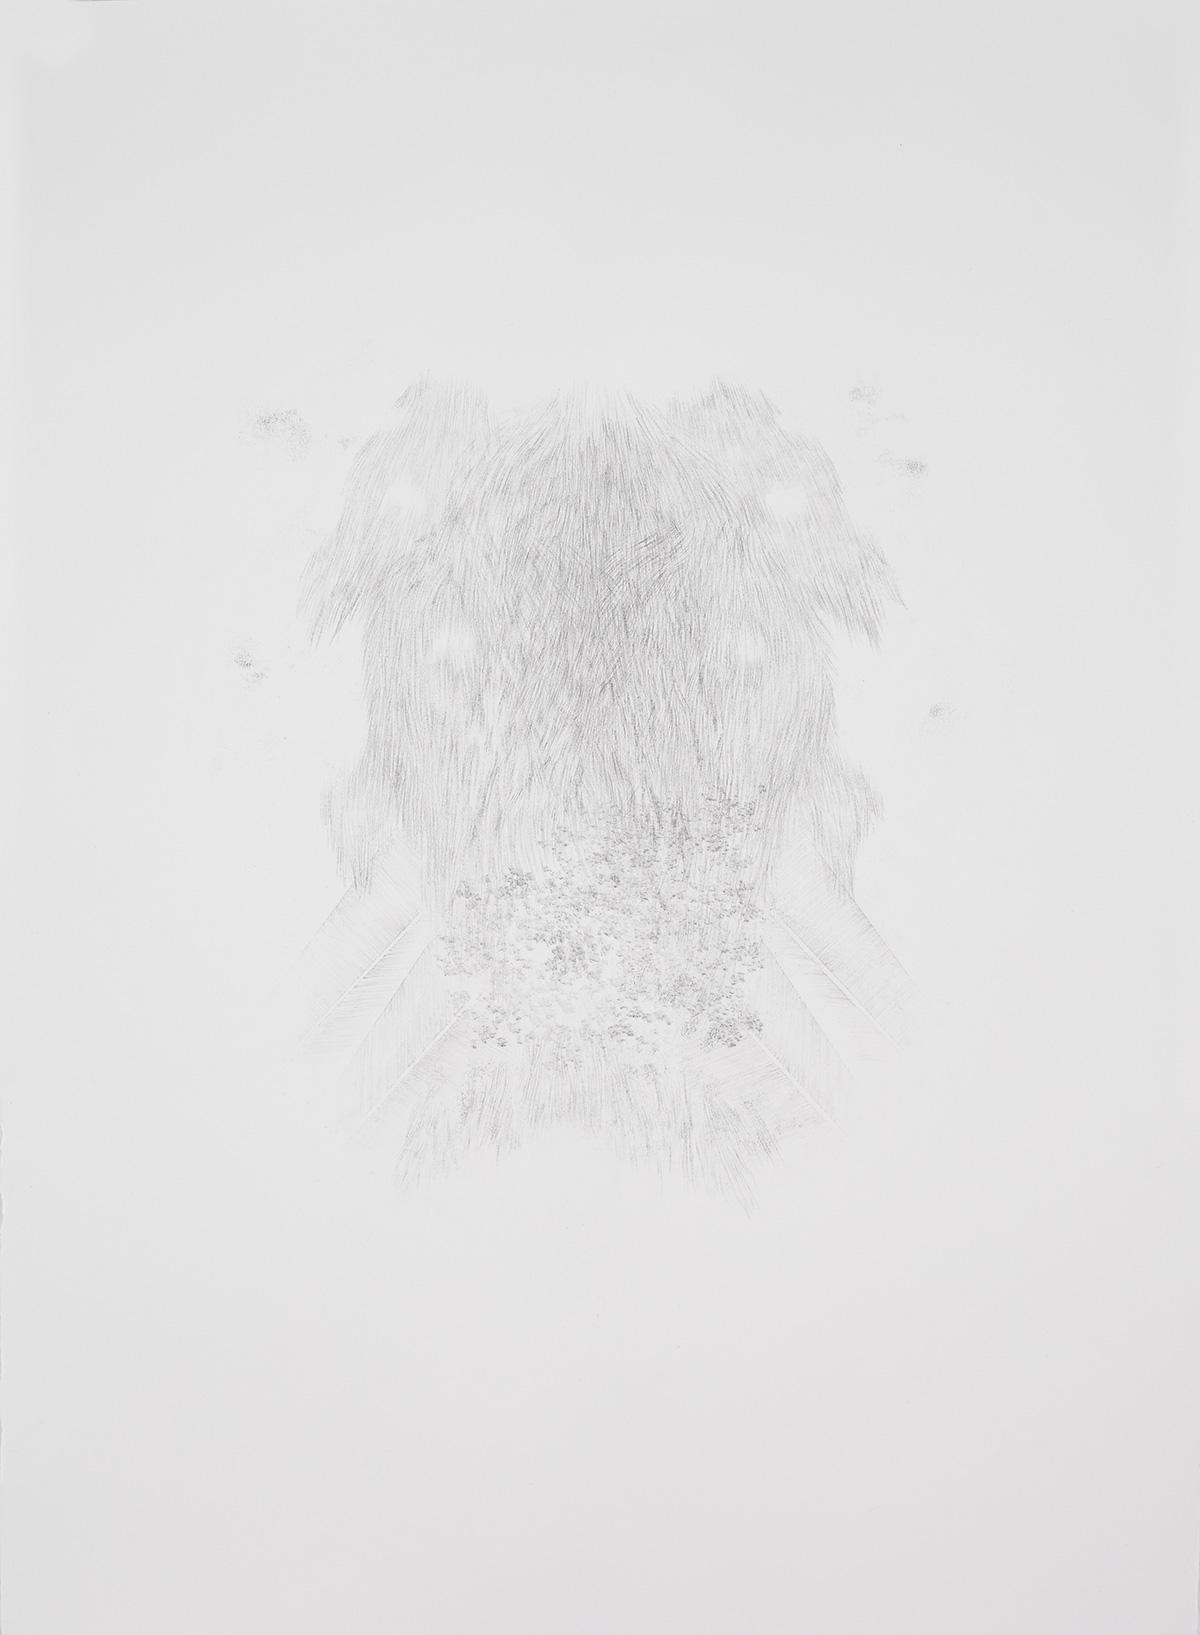 <i>Derrière les secrets (apparition)</i>, 2016, graphite, 80x60cm